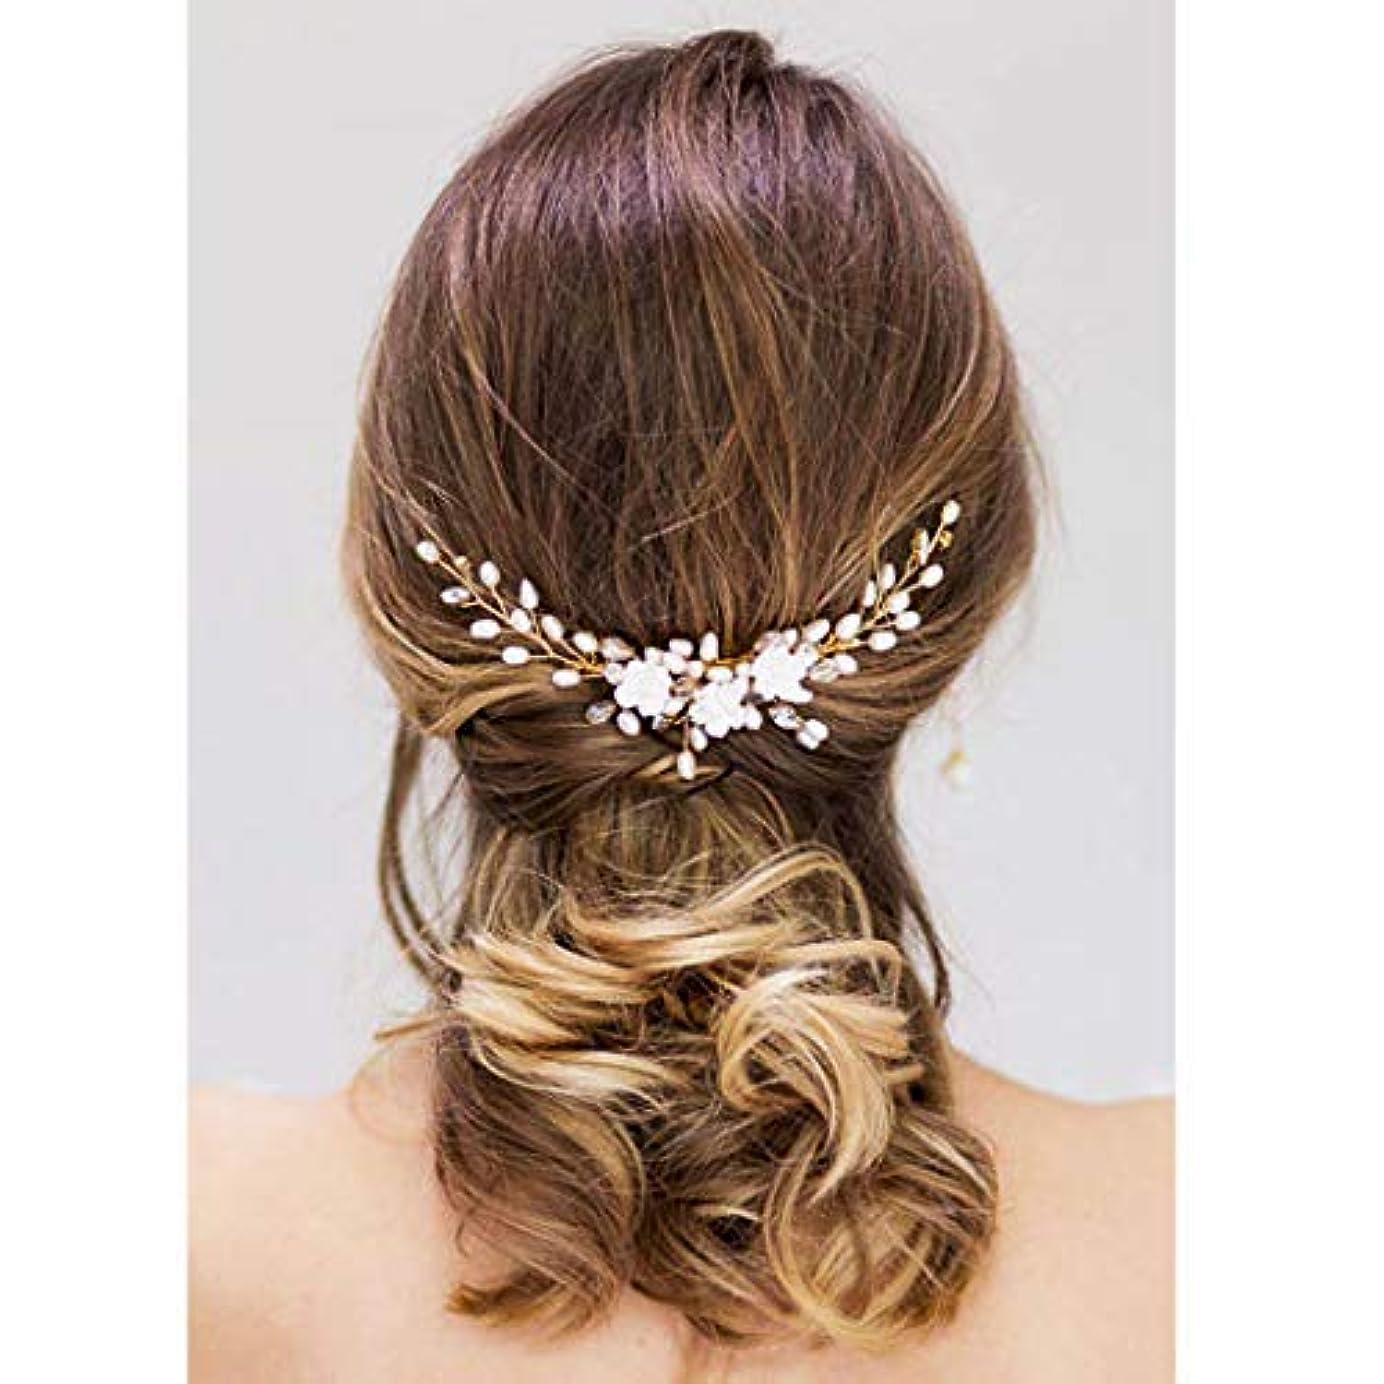 法王入り口ピアニストDrecode Bride Wedding Hair Comb Flower Headpiece Pearl Rhinestone Hair Accessories for Women and Girls [並行輸入品]